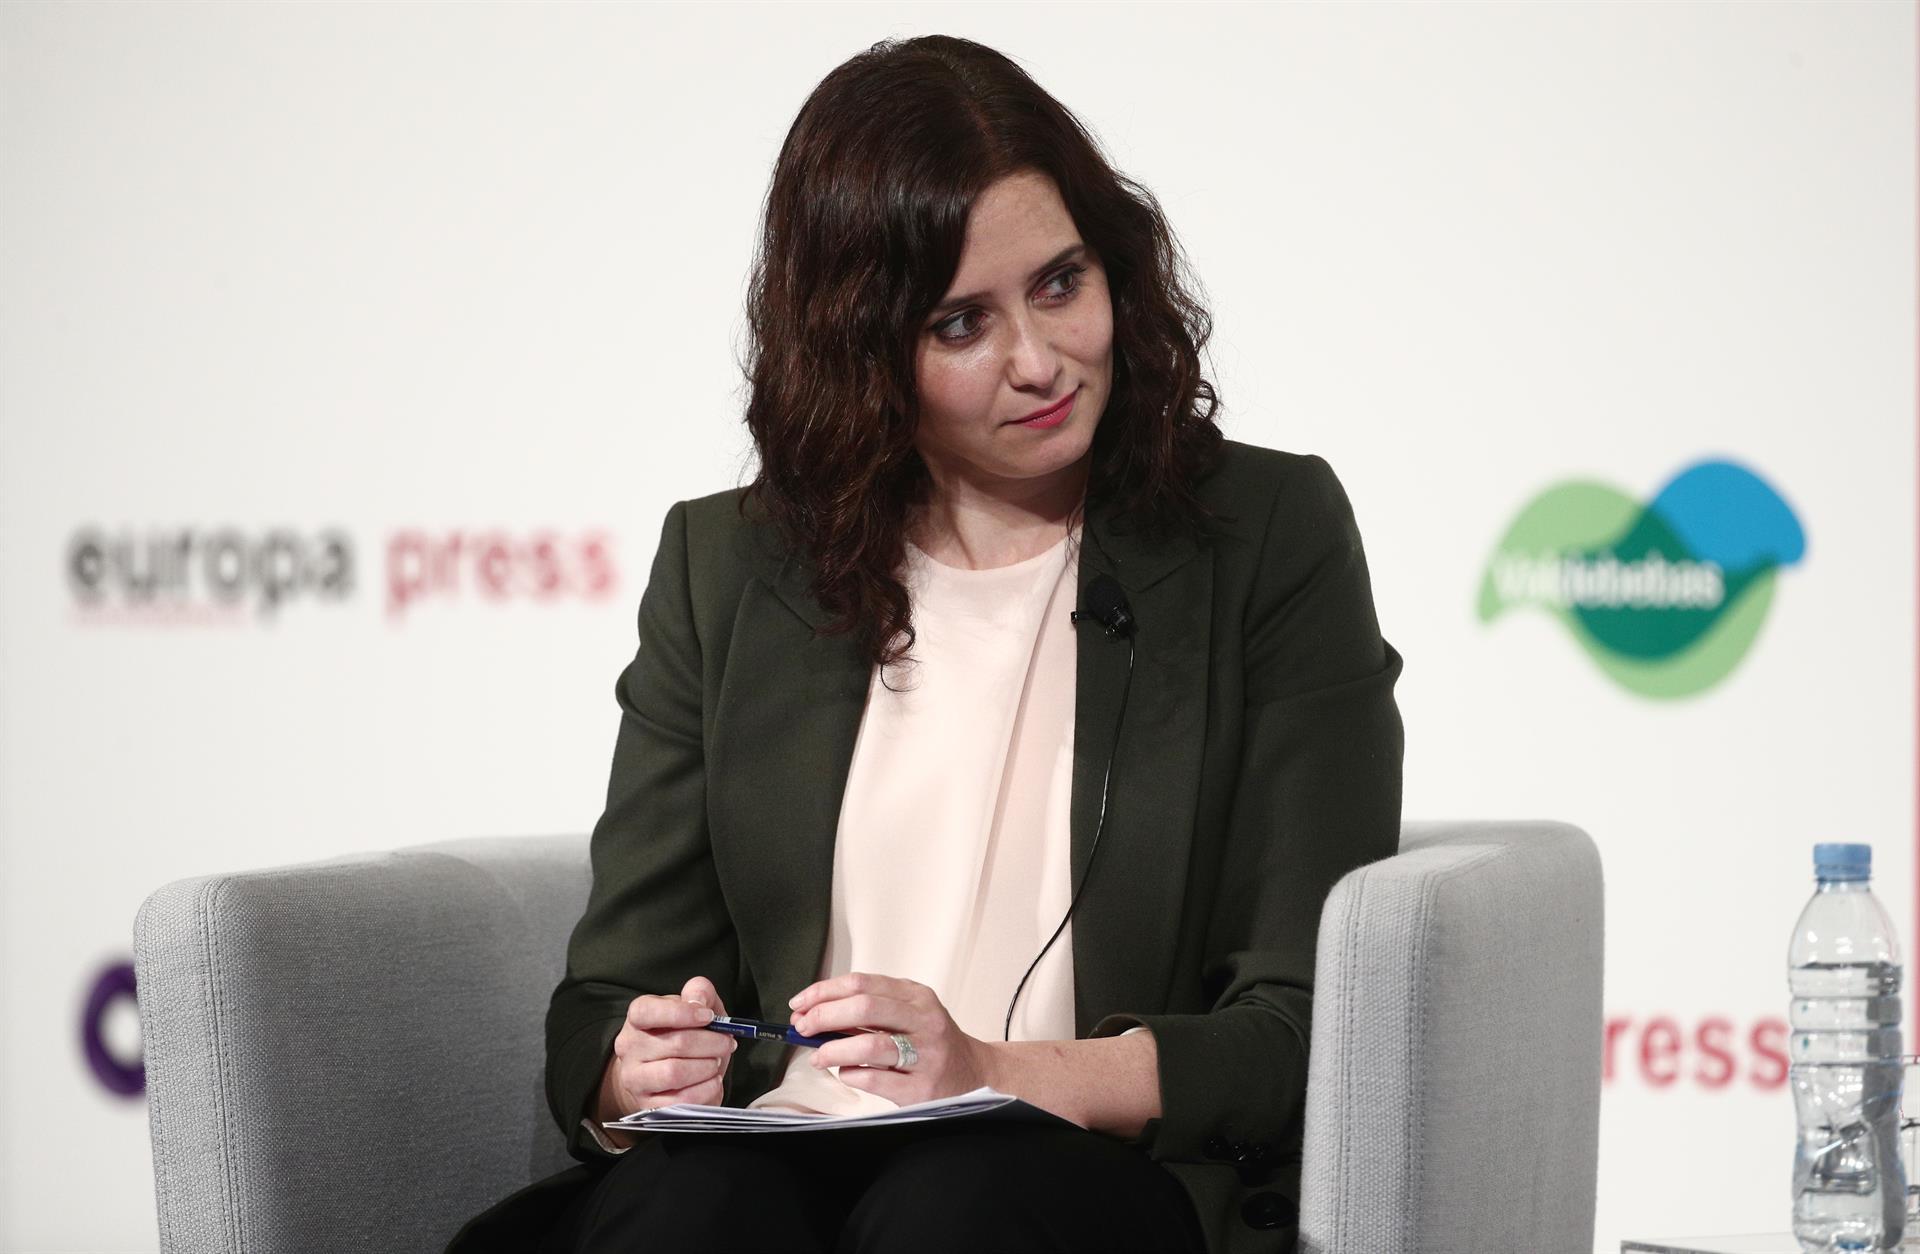 La presidenta de la Comunidad de Madrid y candidata en las elecciones del 4 de mayo en la región, Isabel Díaz Ayuso, interviene en un Desayuno Informativo de Europa Press, en Madrid, (España), a 5 de abril de 2021. - Eduardo Parra - Europa Press